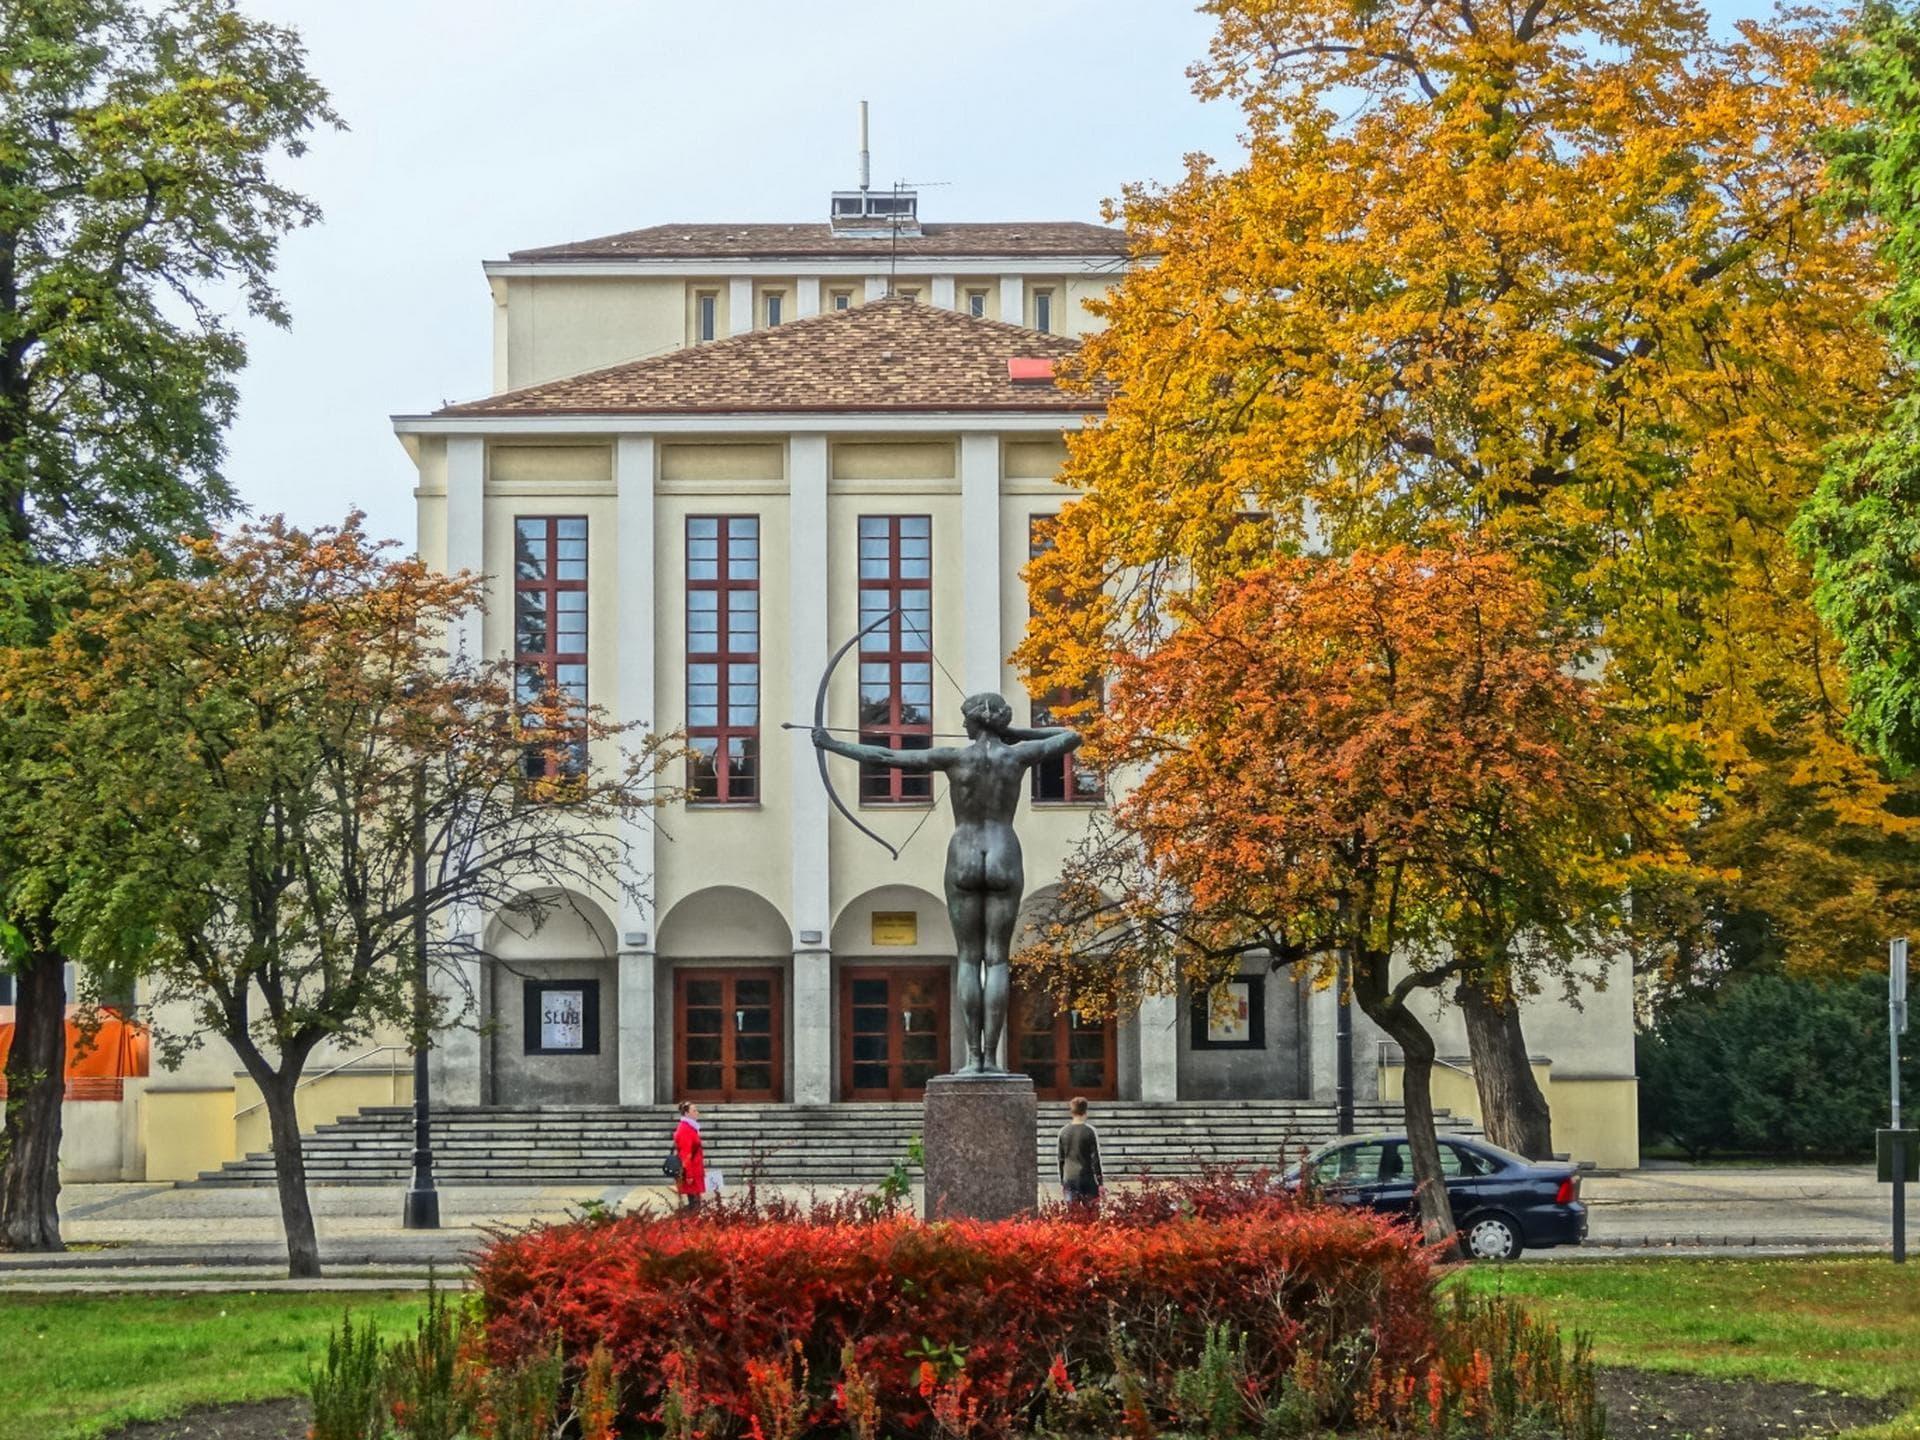 okolice-pomnik-luczniczki